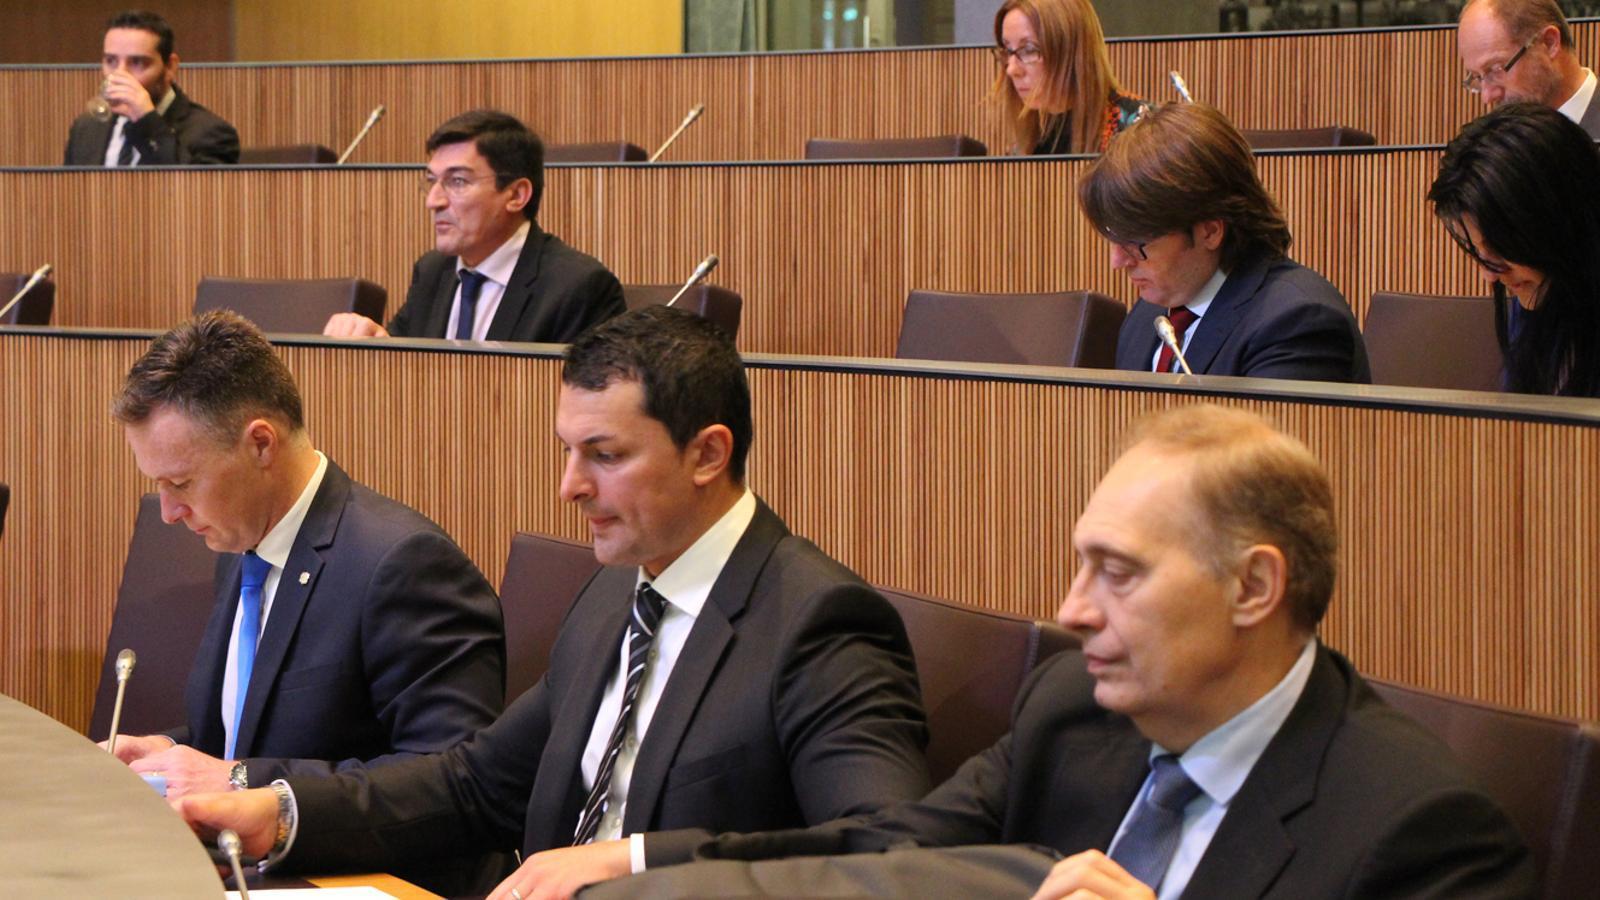 Els consellers generals liberals Josep Pintat, Jordi Gallardo i Ferran Costa.